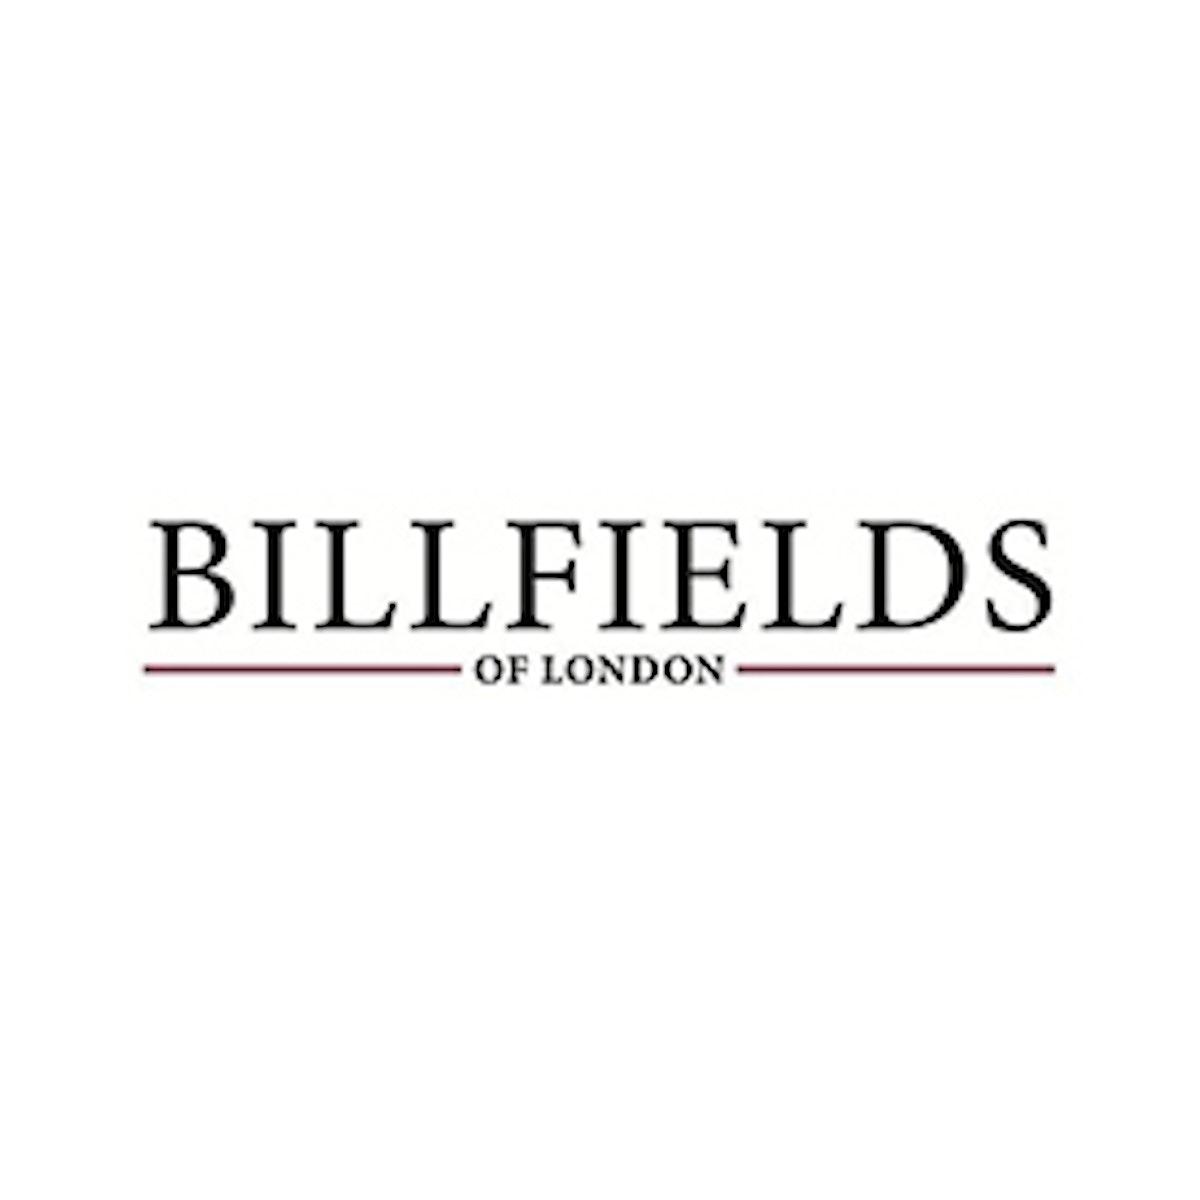 Billfields Of London